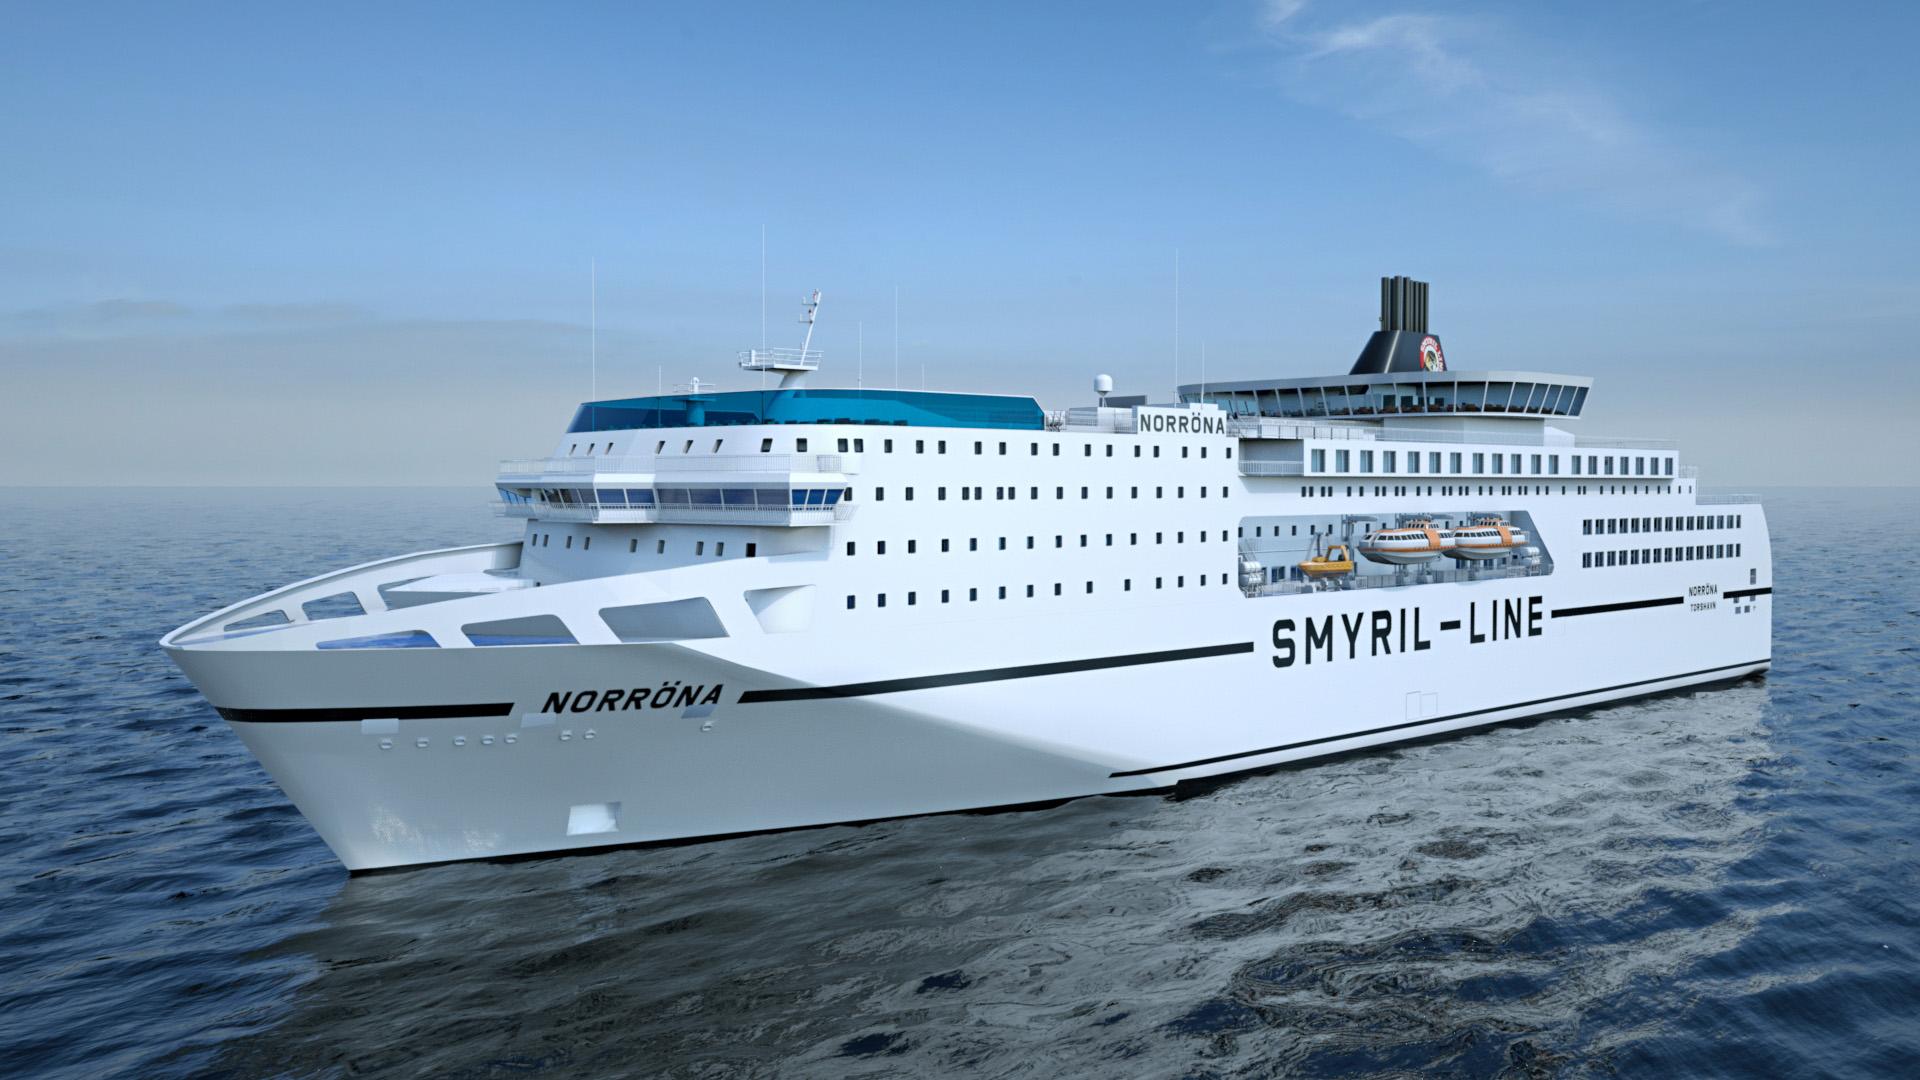 Rederiet Smyril Line vil bruge cirka 100 millioner kroner på en opgradering af sit skib Norröna, der efter tilføjelse af et ekstra dæk kommer til at se cirka sådan ud. Illustration: Smyril Line.